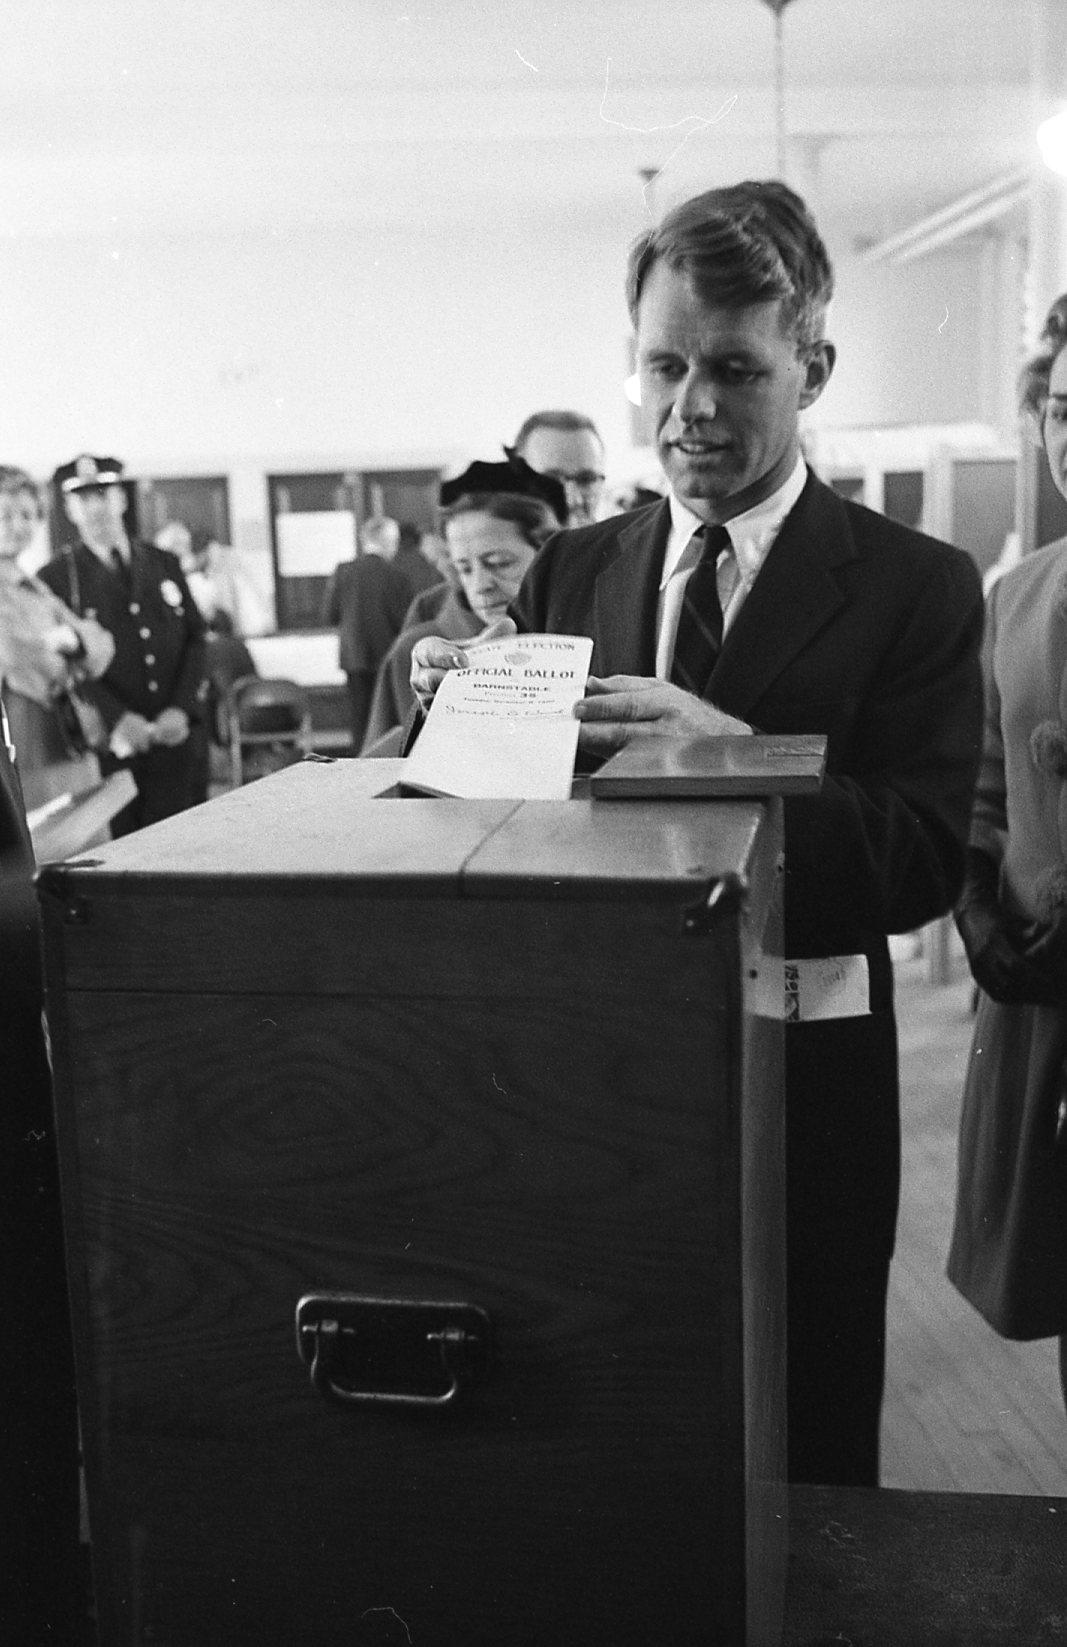 Ο Ρόμπερτ Κένεντι στις κάλπες για την εκλογή προέδρου των ΗΠΑ, το 1960